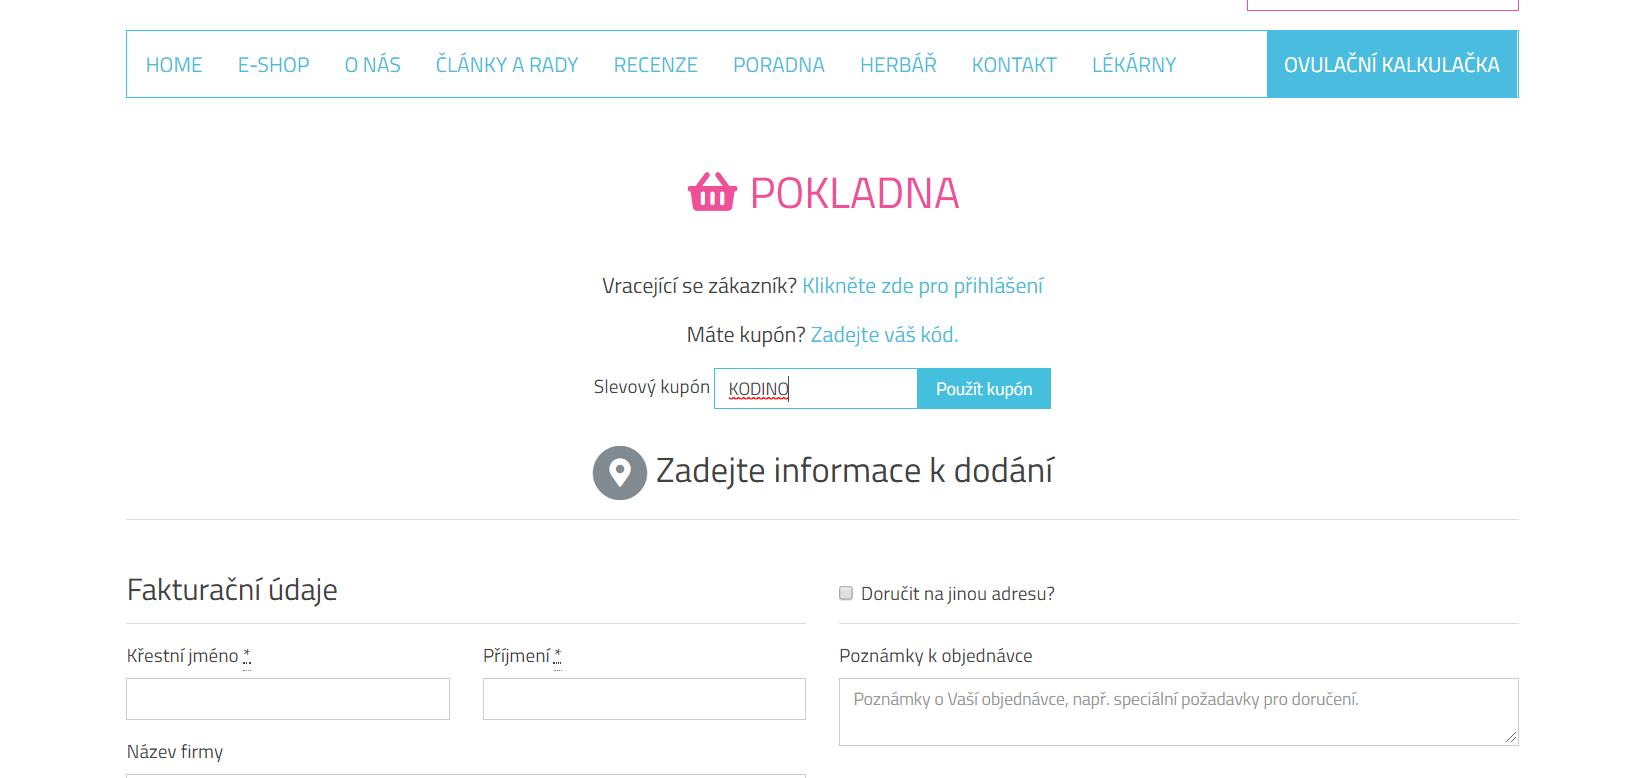 Otěhotnět.cz